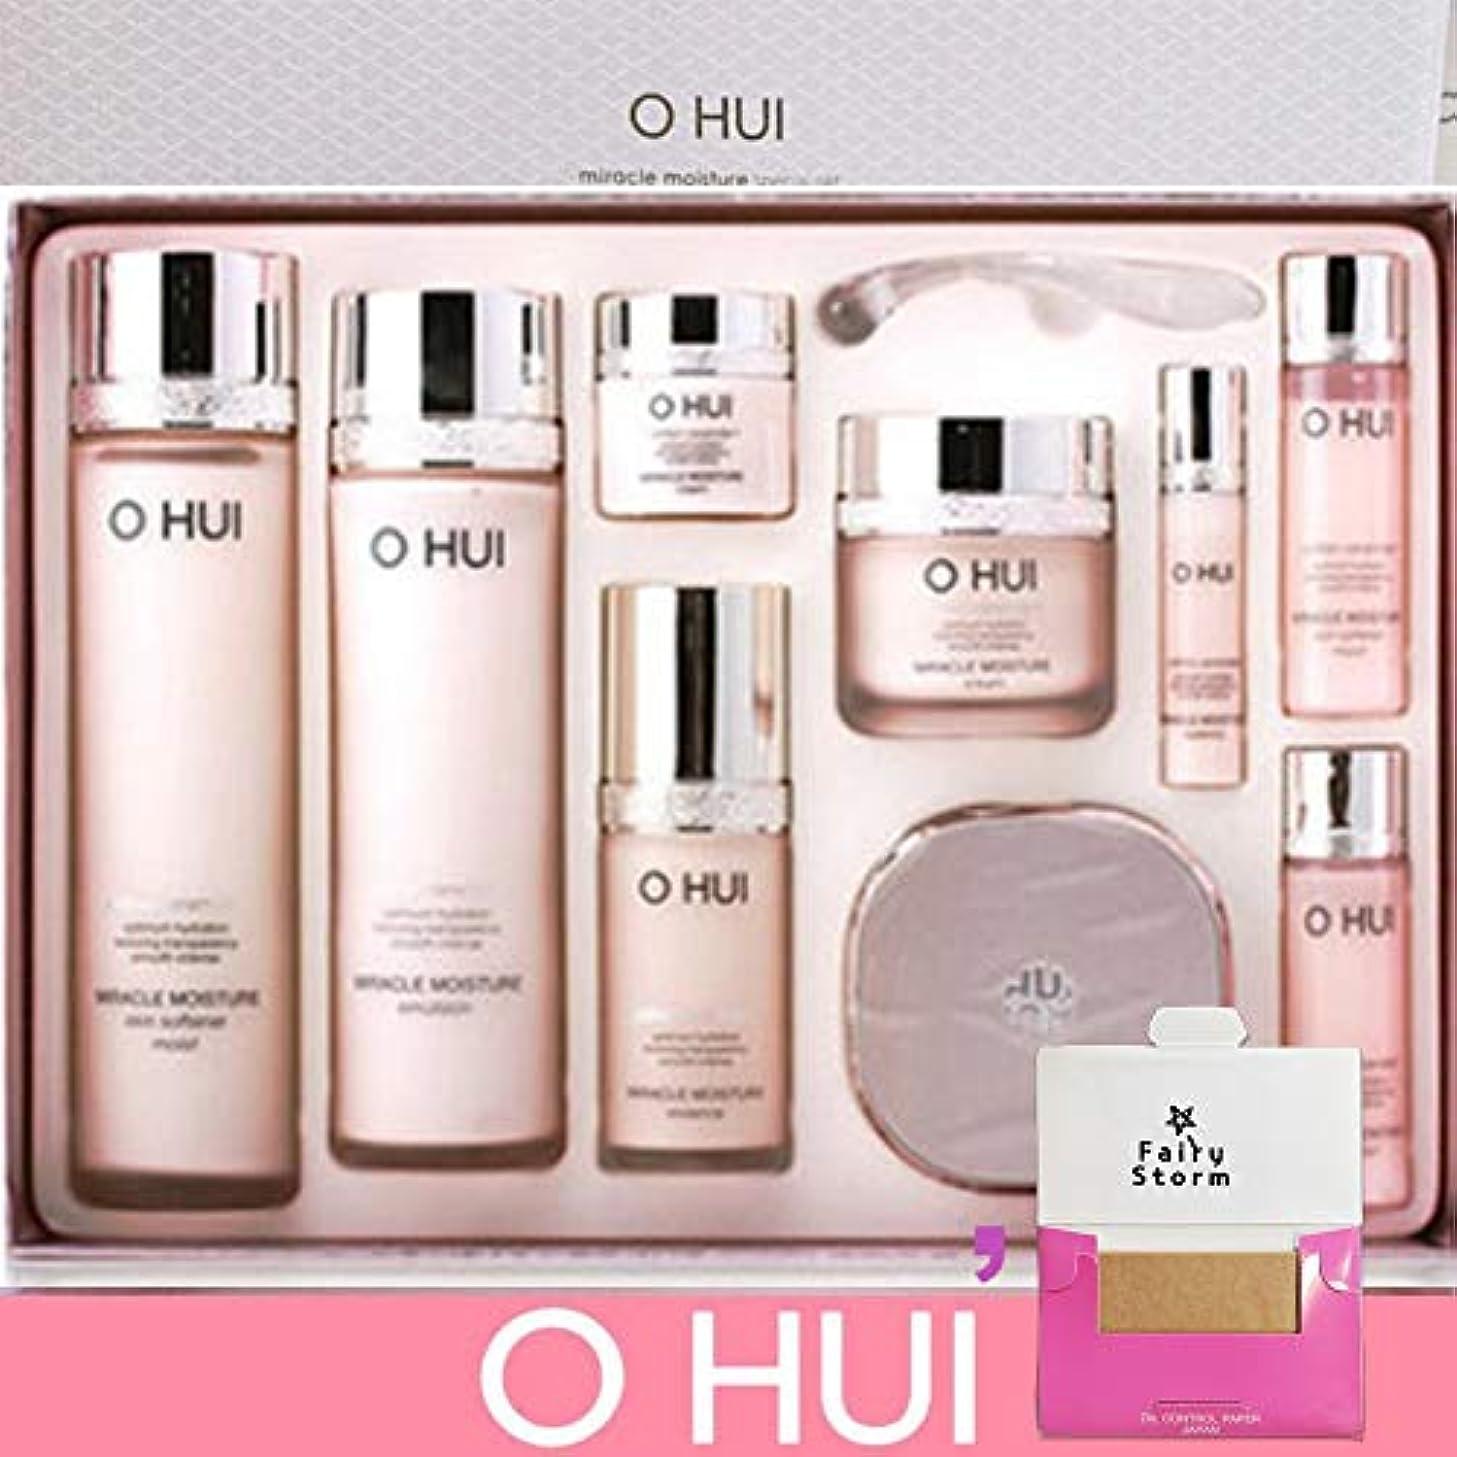 北西登録するジーンズ[オフィ/ O HUI]韓国化粧品 LG生活健康/ O HUI MIRACLE MOISTURE SPECIAL SET/ミラクルモイスチャー スペシャル 4種 企画セット + [Sample Gift](海外直送品)